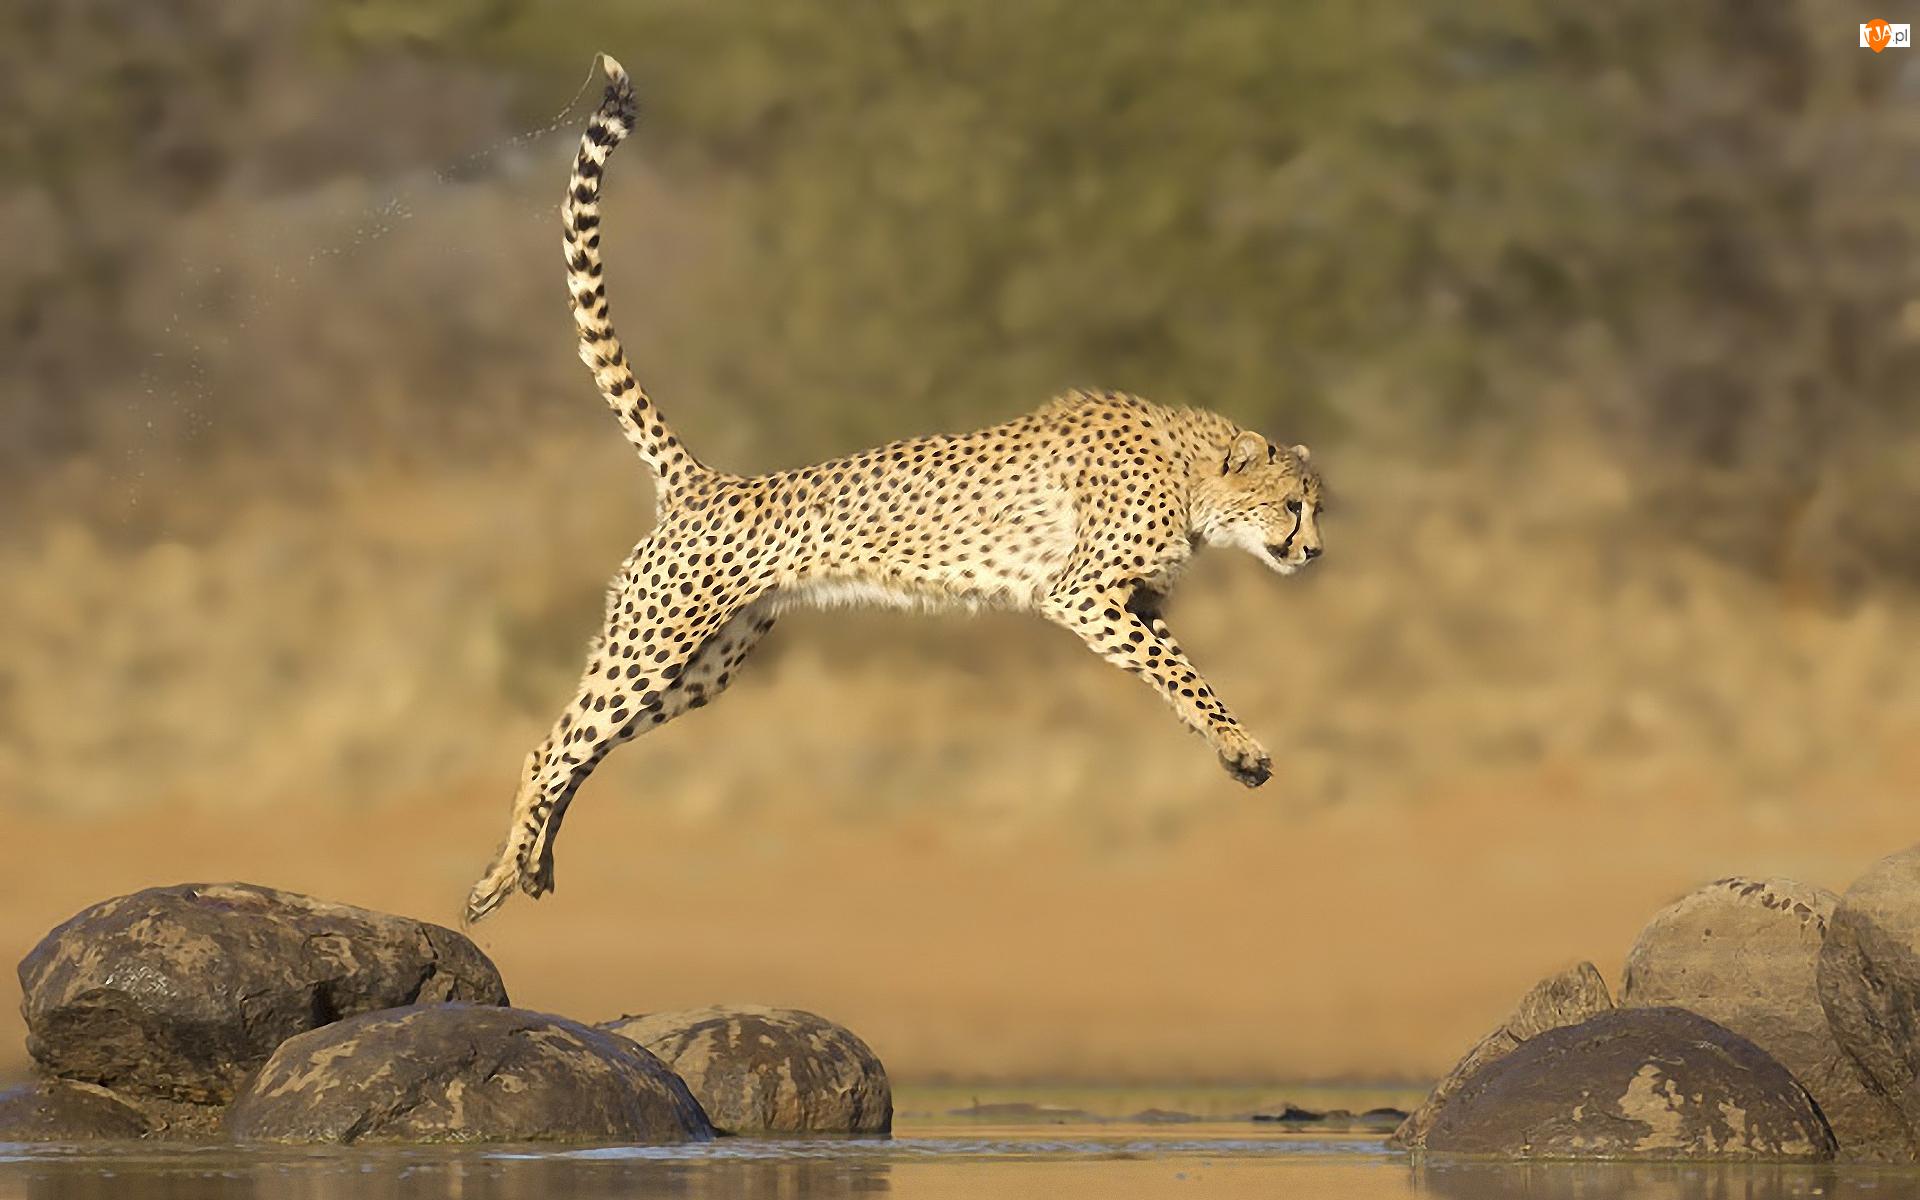 Kamienie, Gepard, Skok